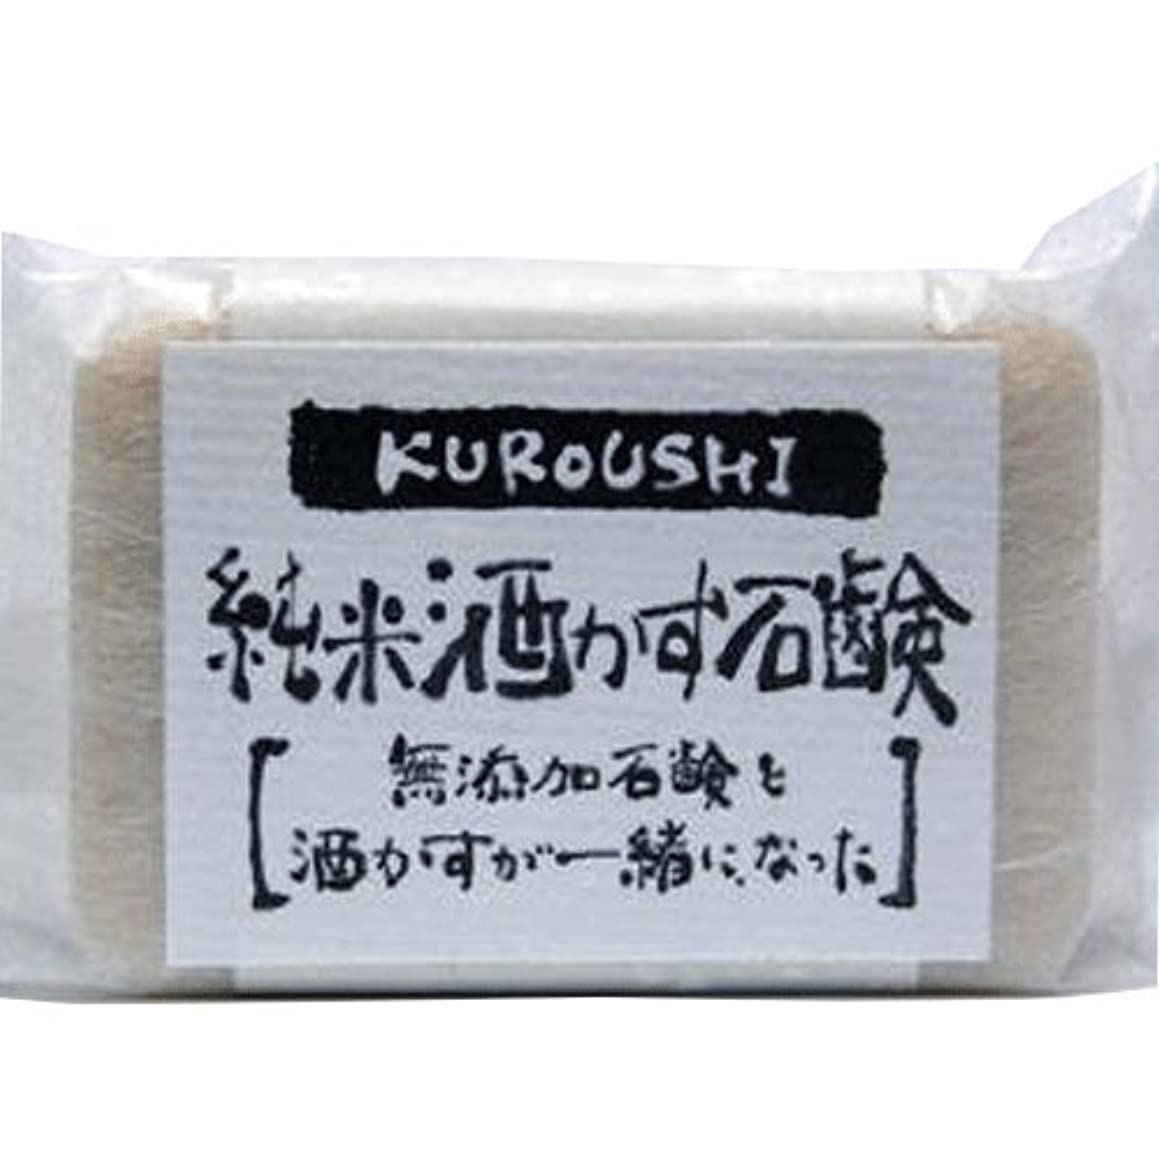 自信がある識字暴力KUROUSHI 純米酒かす 無添加石鹸(せっけん) 120g 6個セット